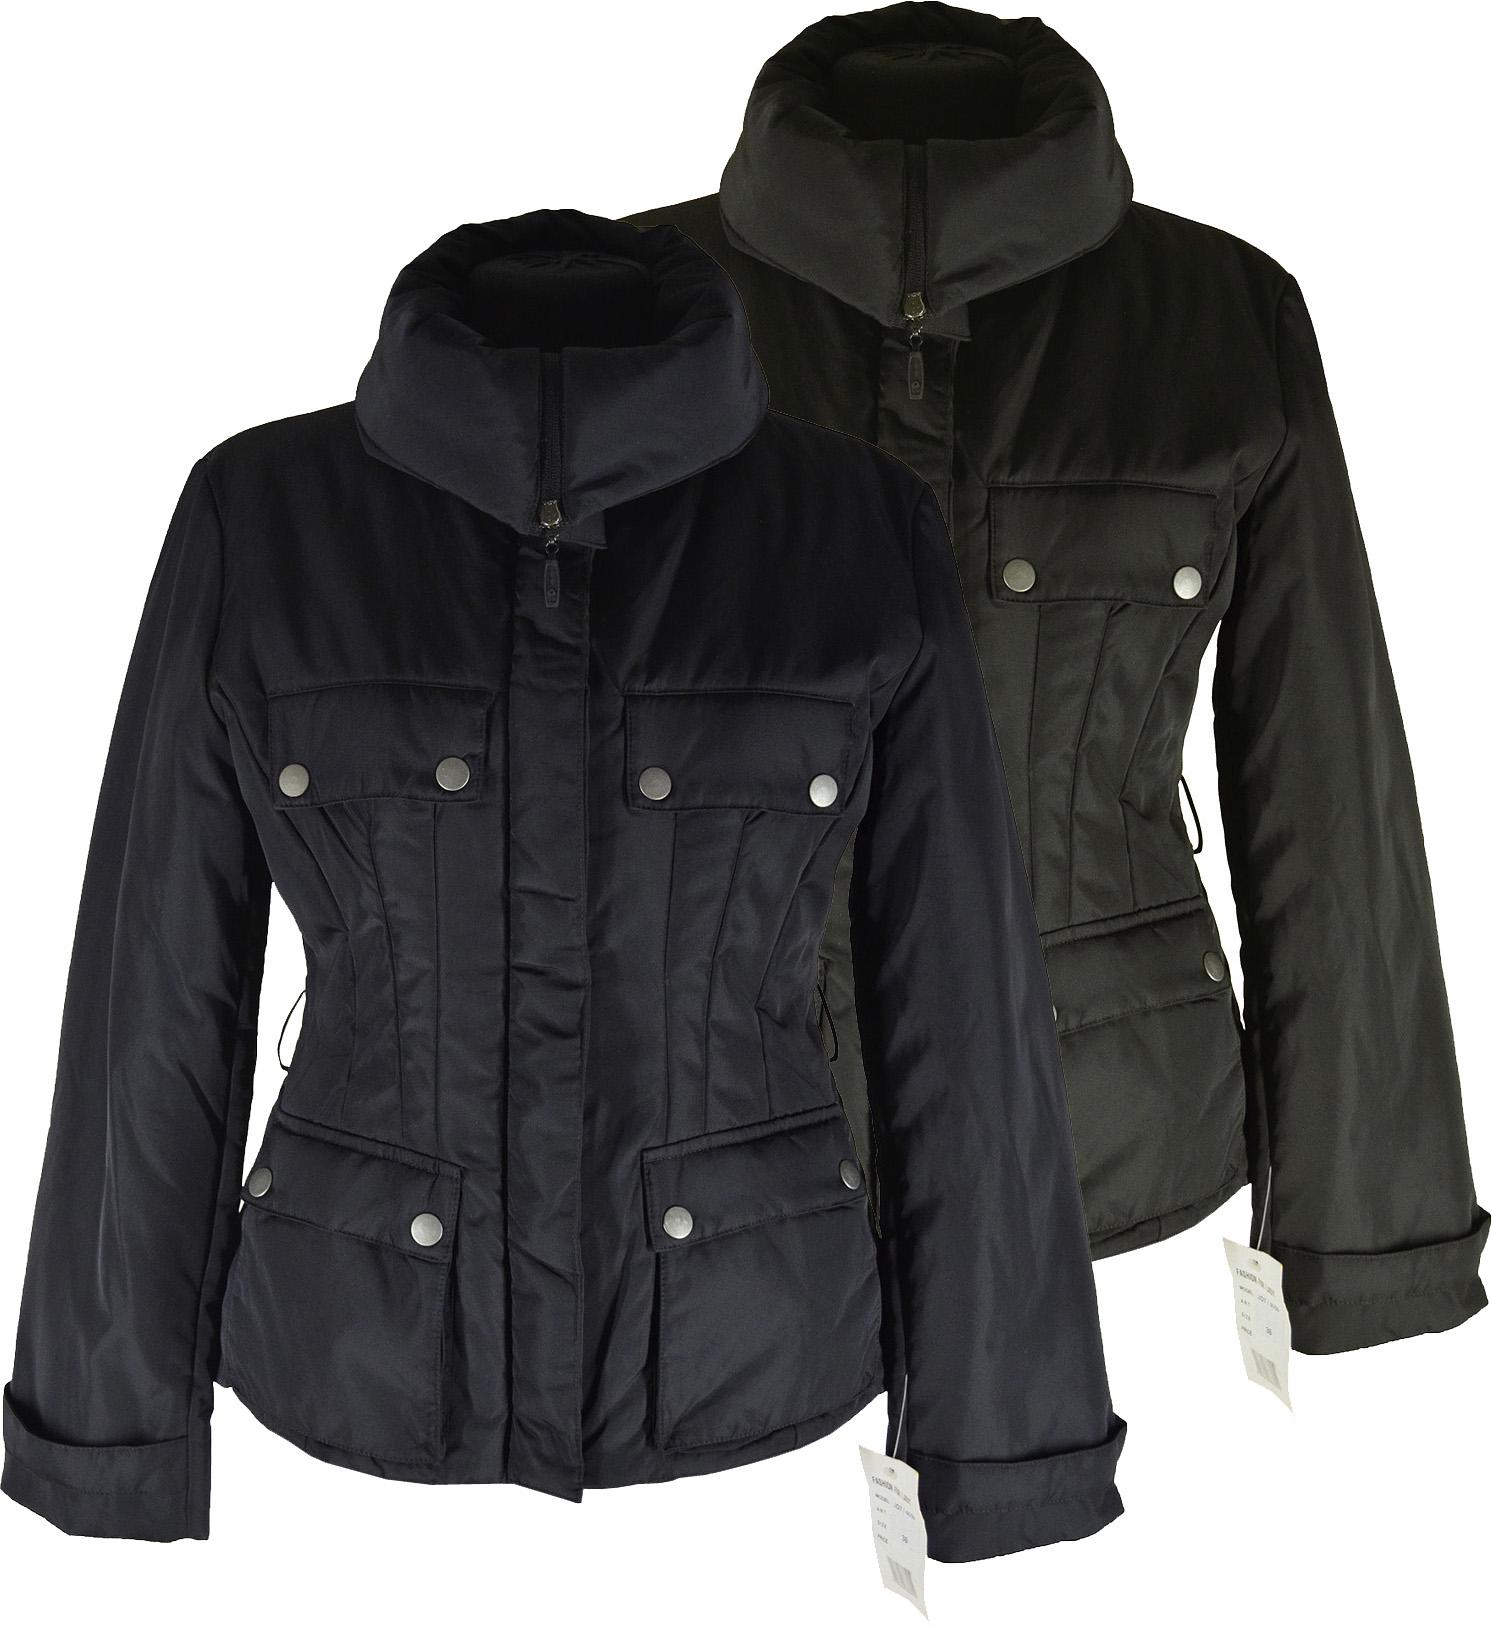 женская куртка Morgan. 250 грн. . Купить Подробнее 3c6e9bec162